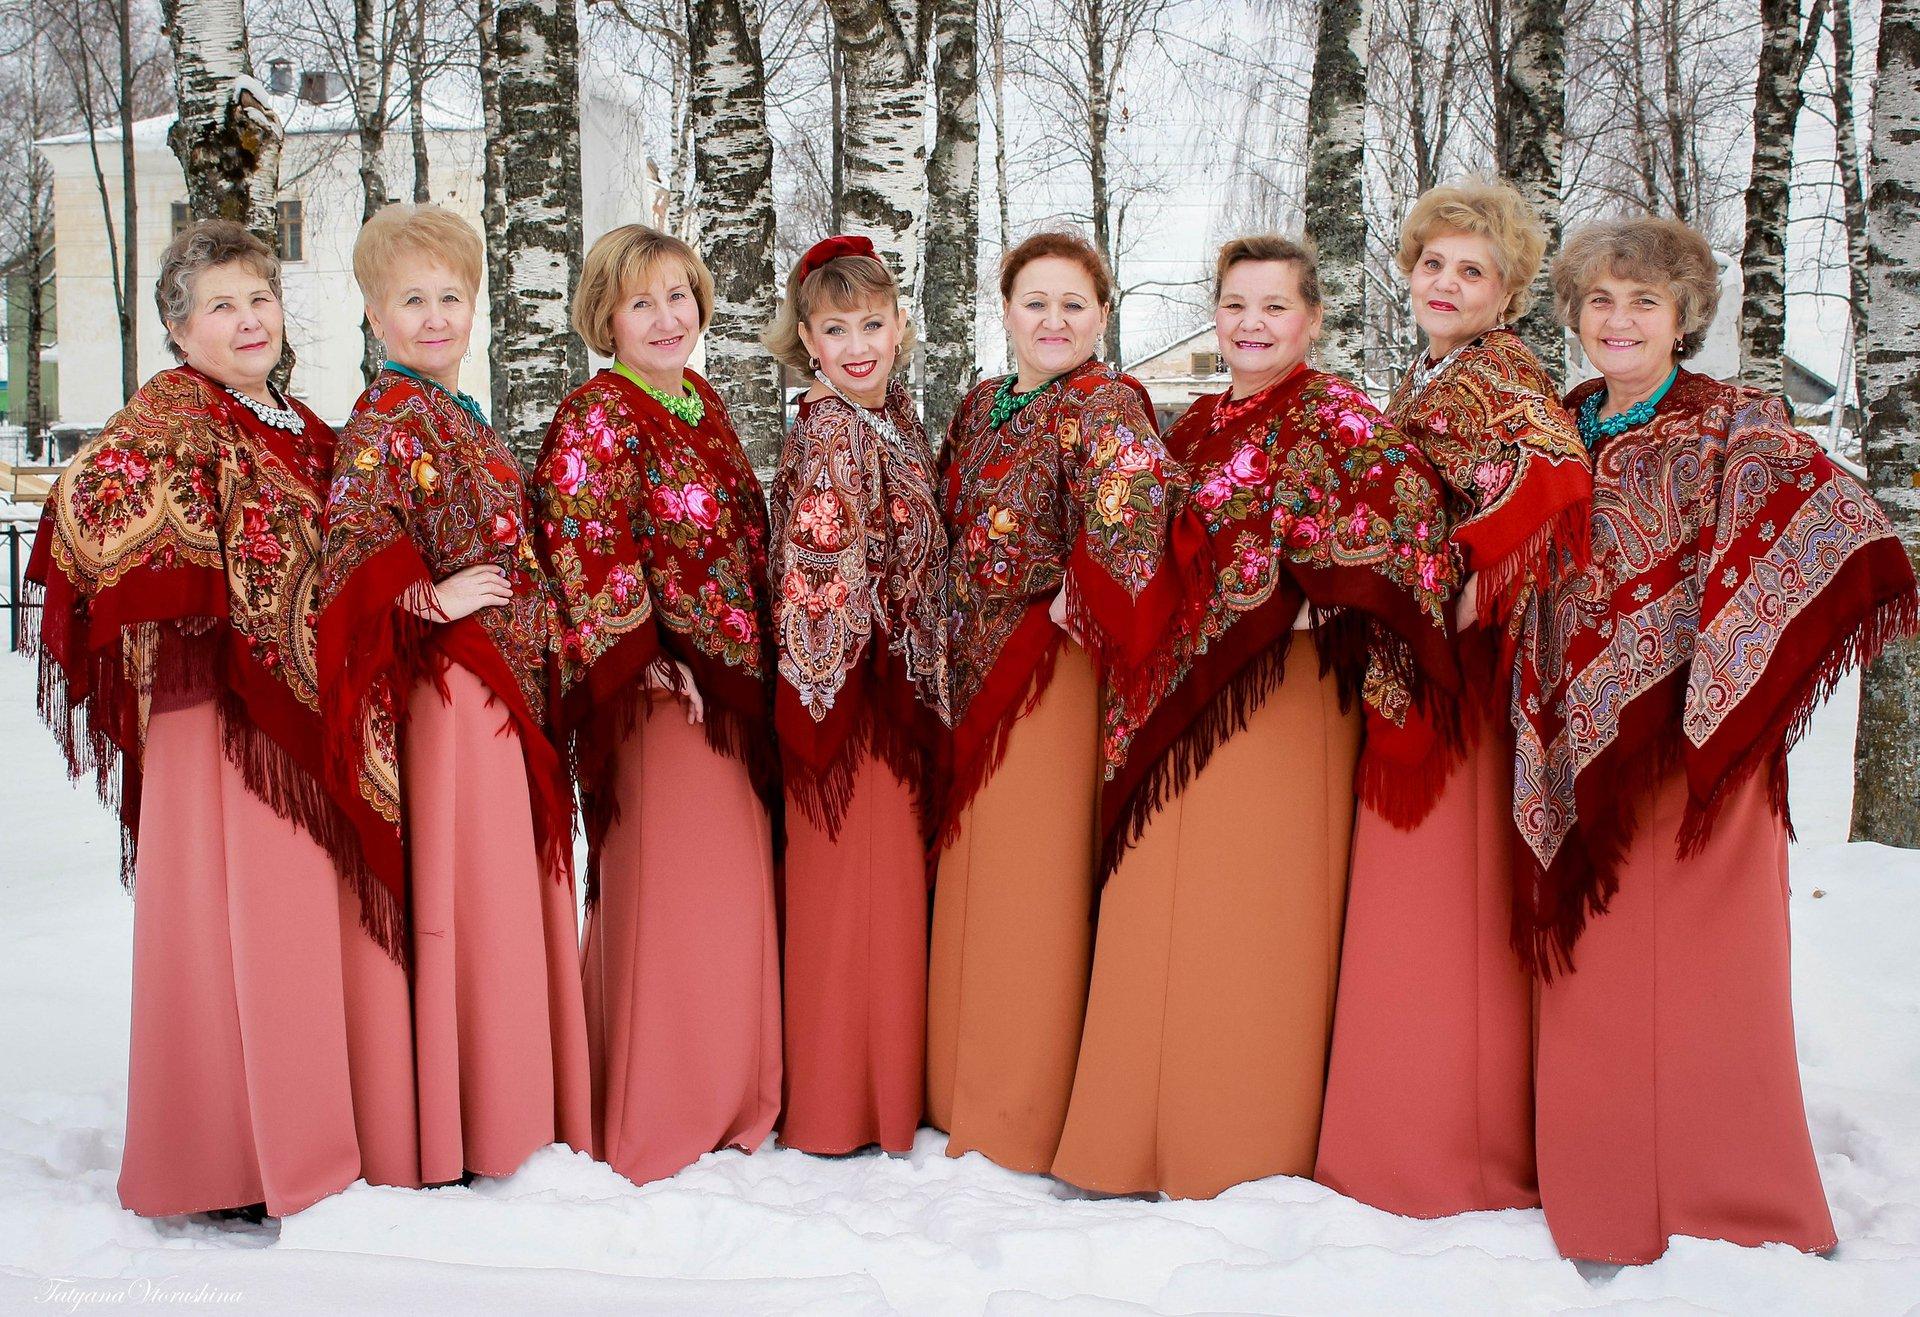 обстановку концертные женские костюмы фото биология картинки